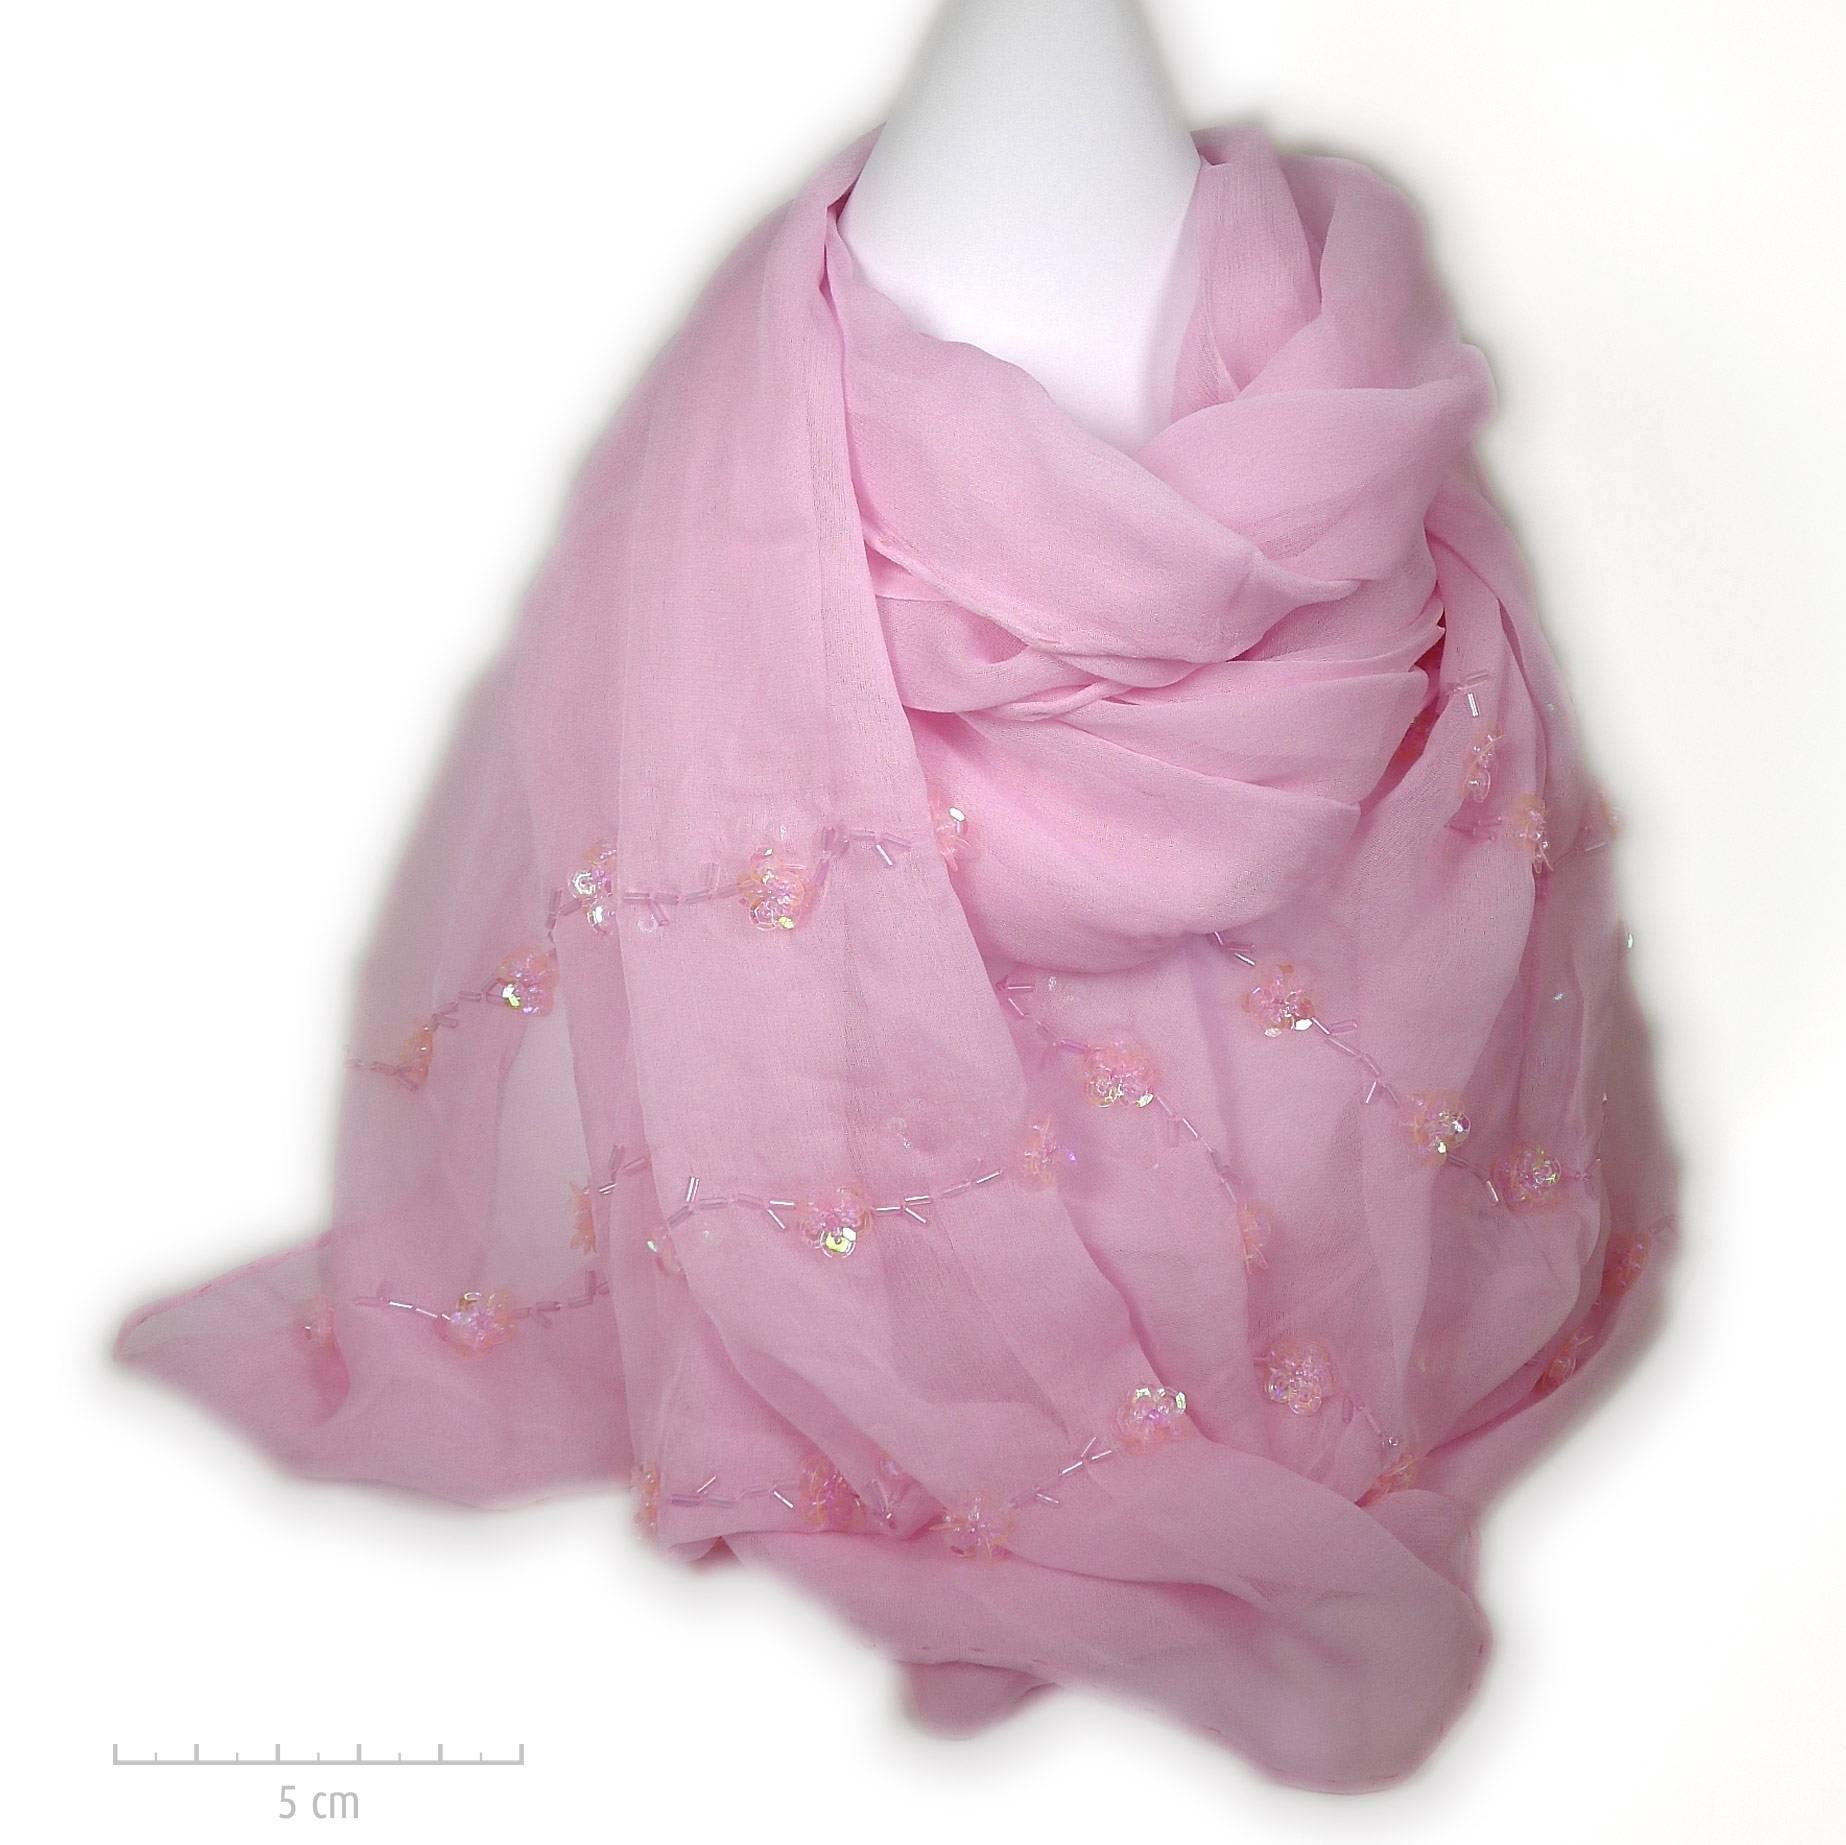 Étole 100% soie, crêpe rose poudré Marilyn. Foulard brodé de petites  paillettes fleurs eb3594e55e0